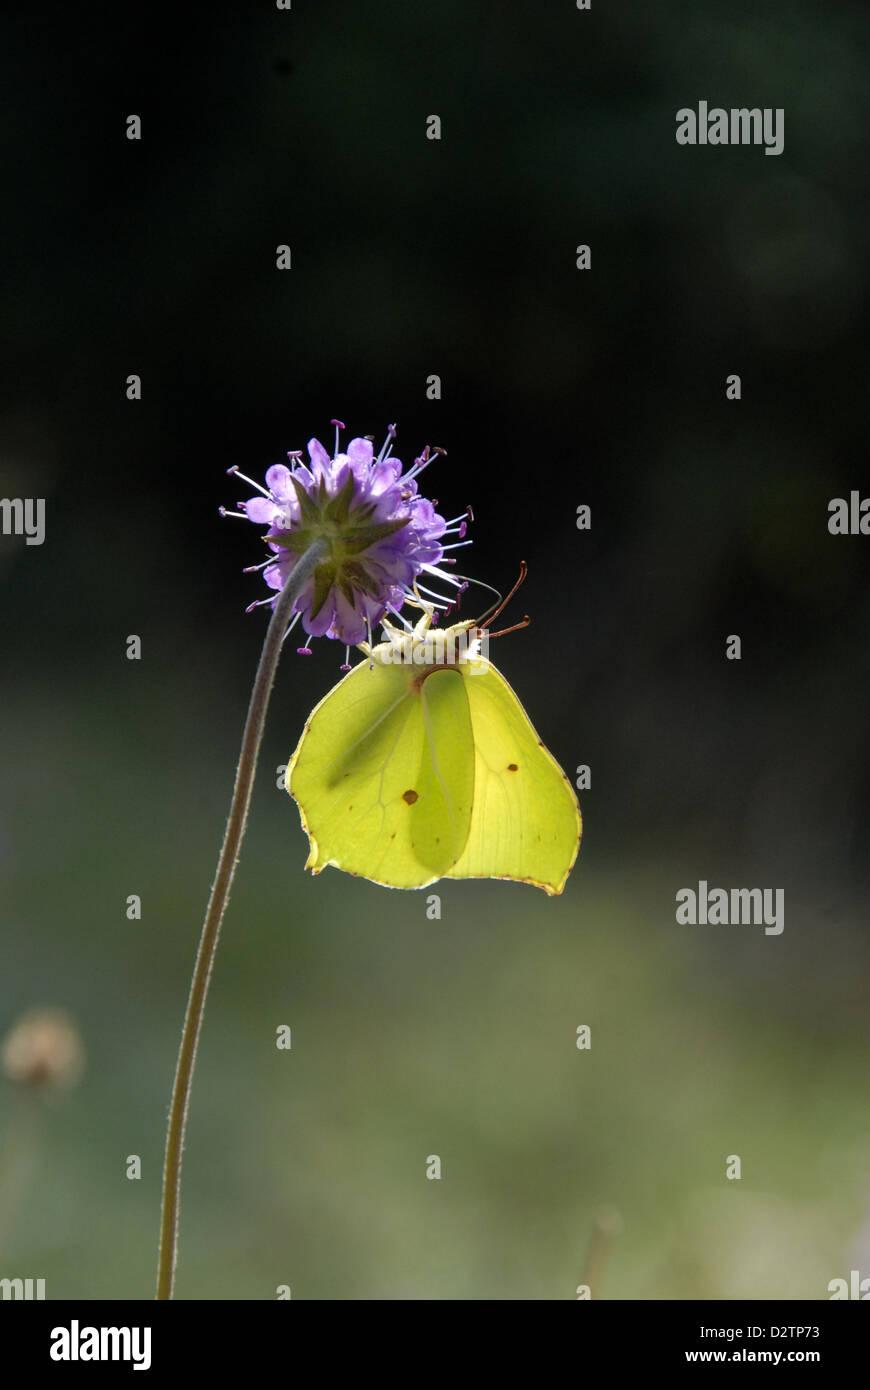 Brimstone Butterfly feeding on a Devil's Bit Scabious flowerhead - Stock Image